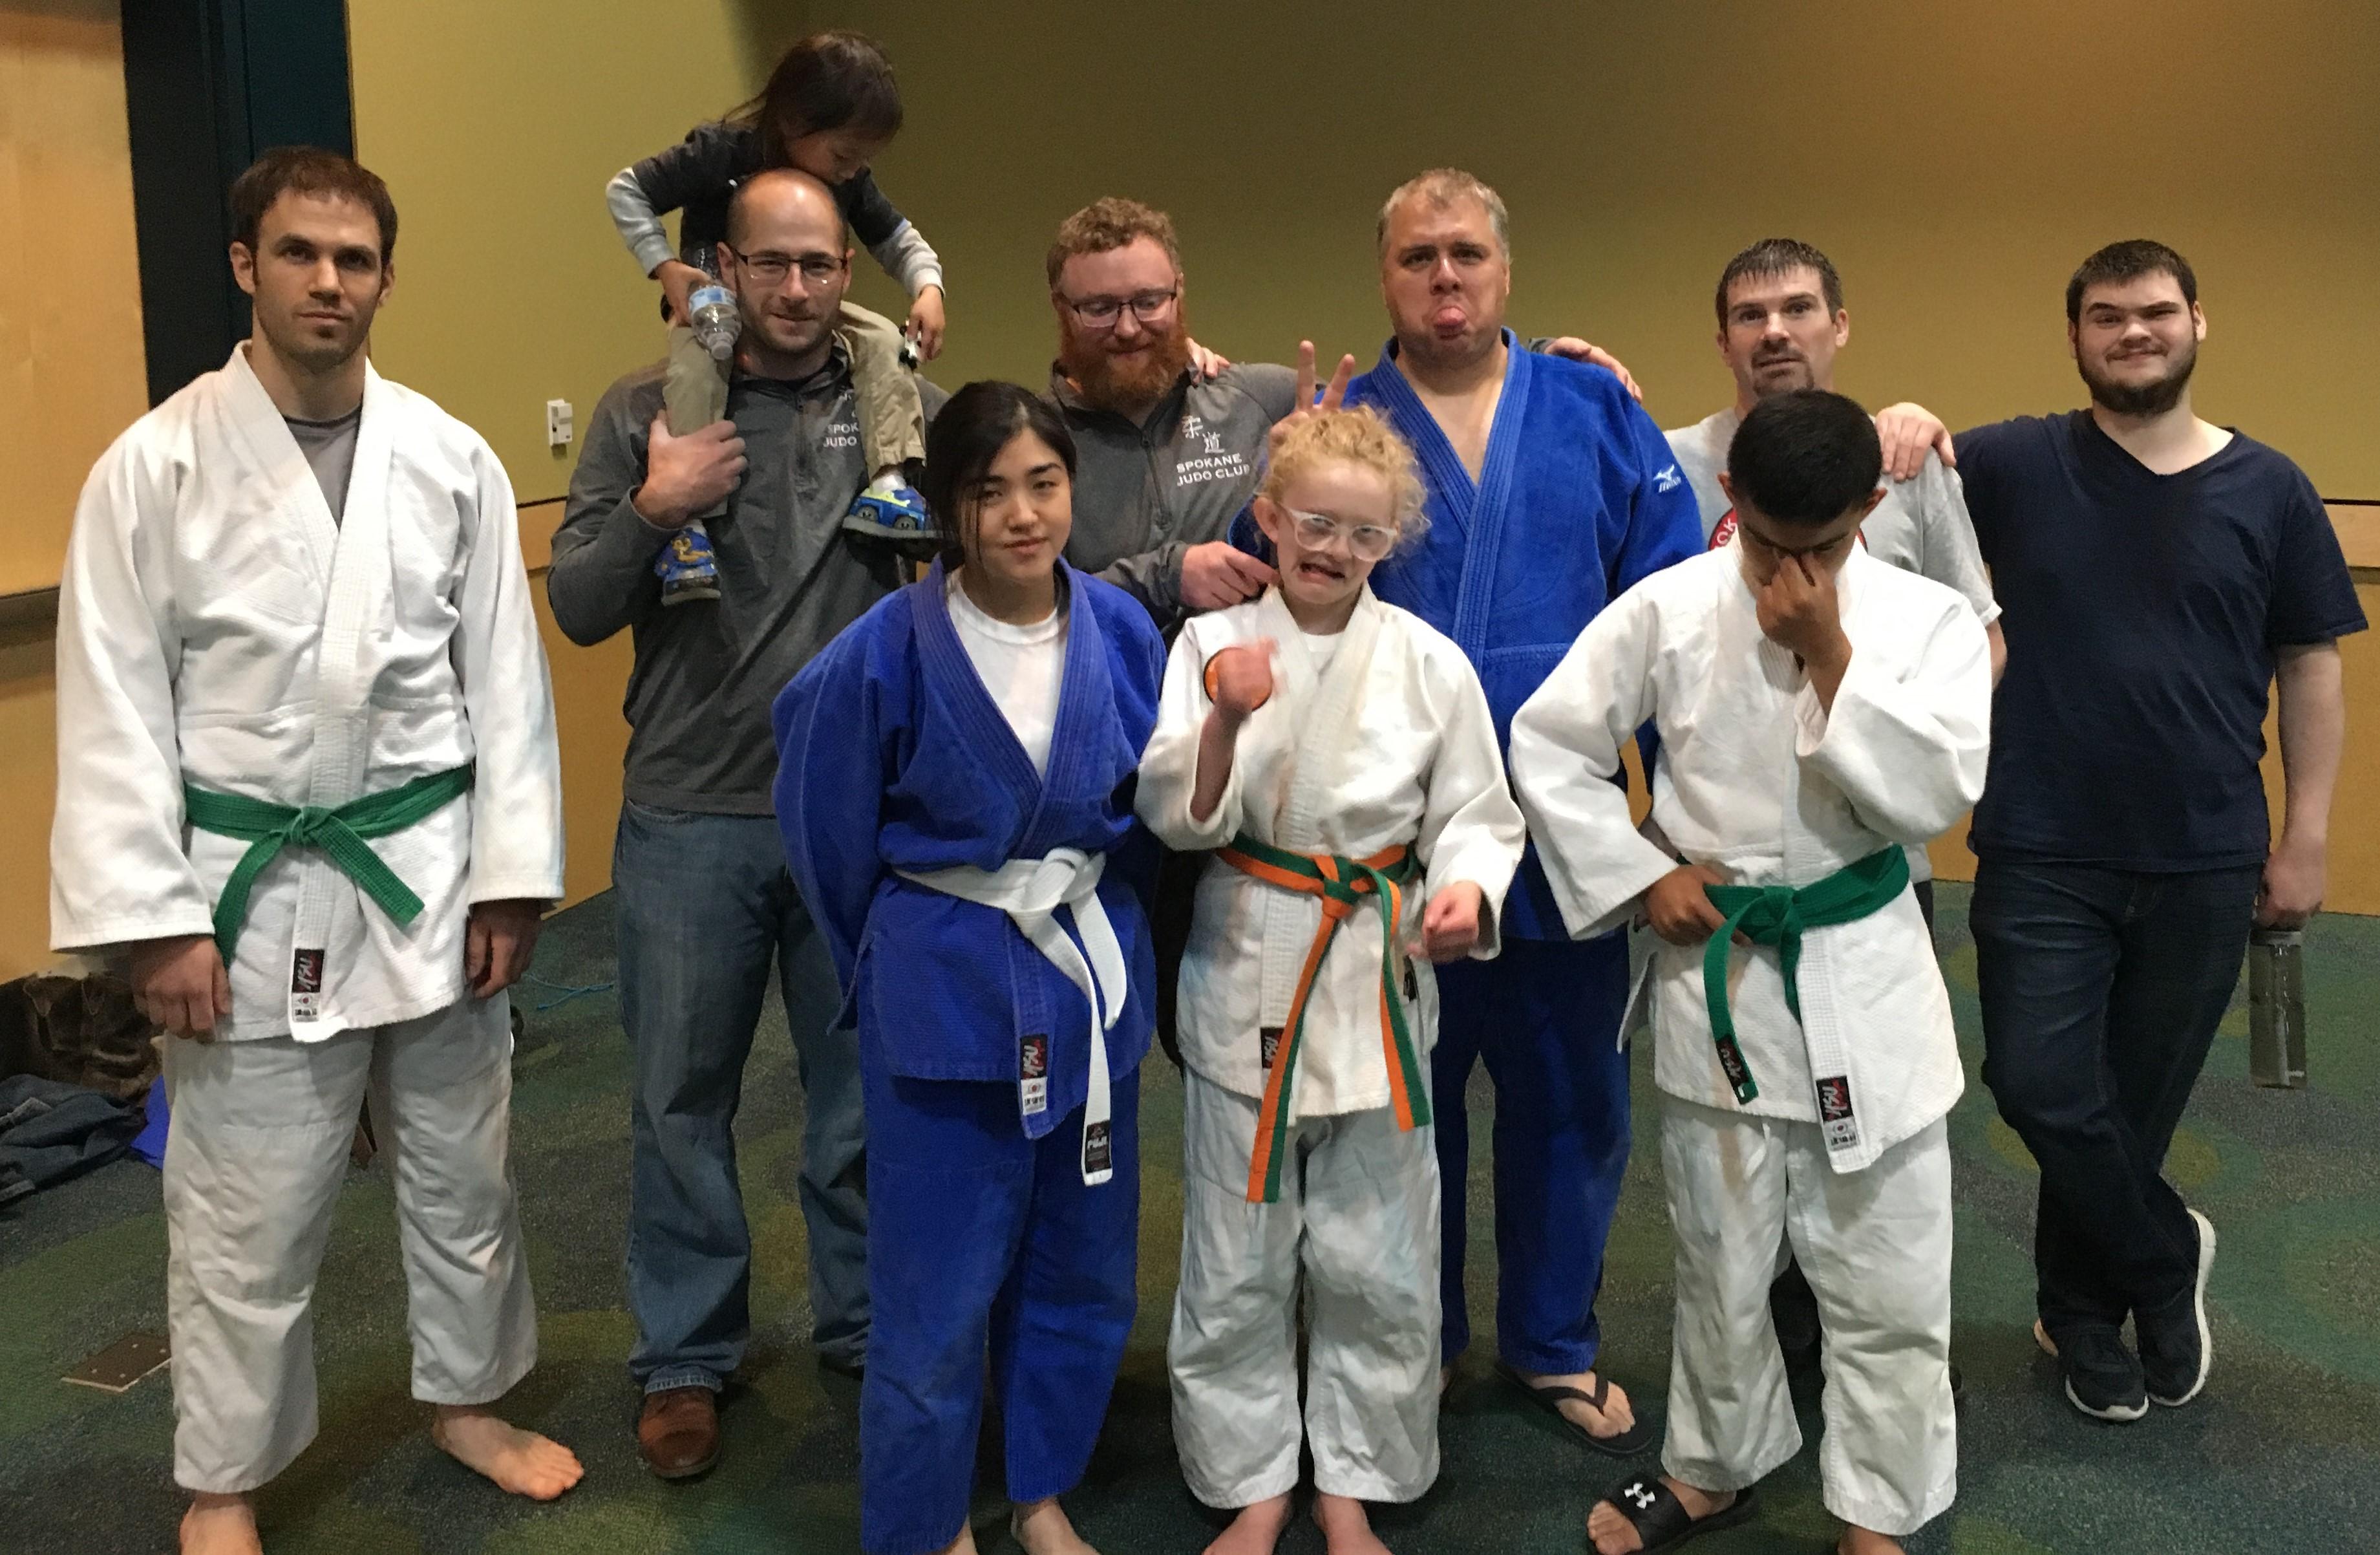 Spokane Judo - Part 2